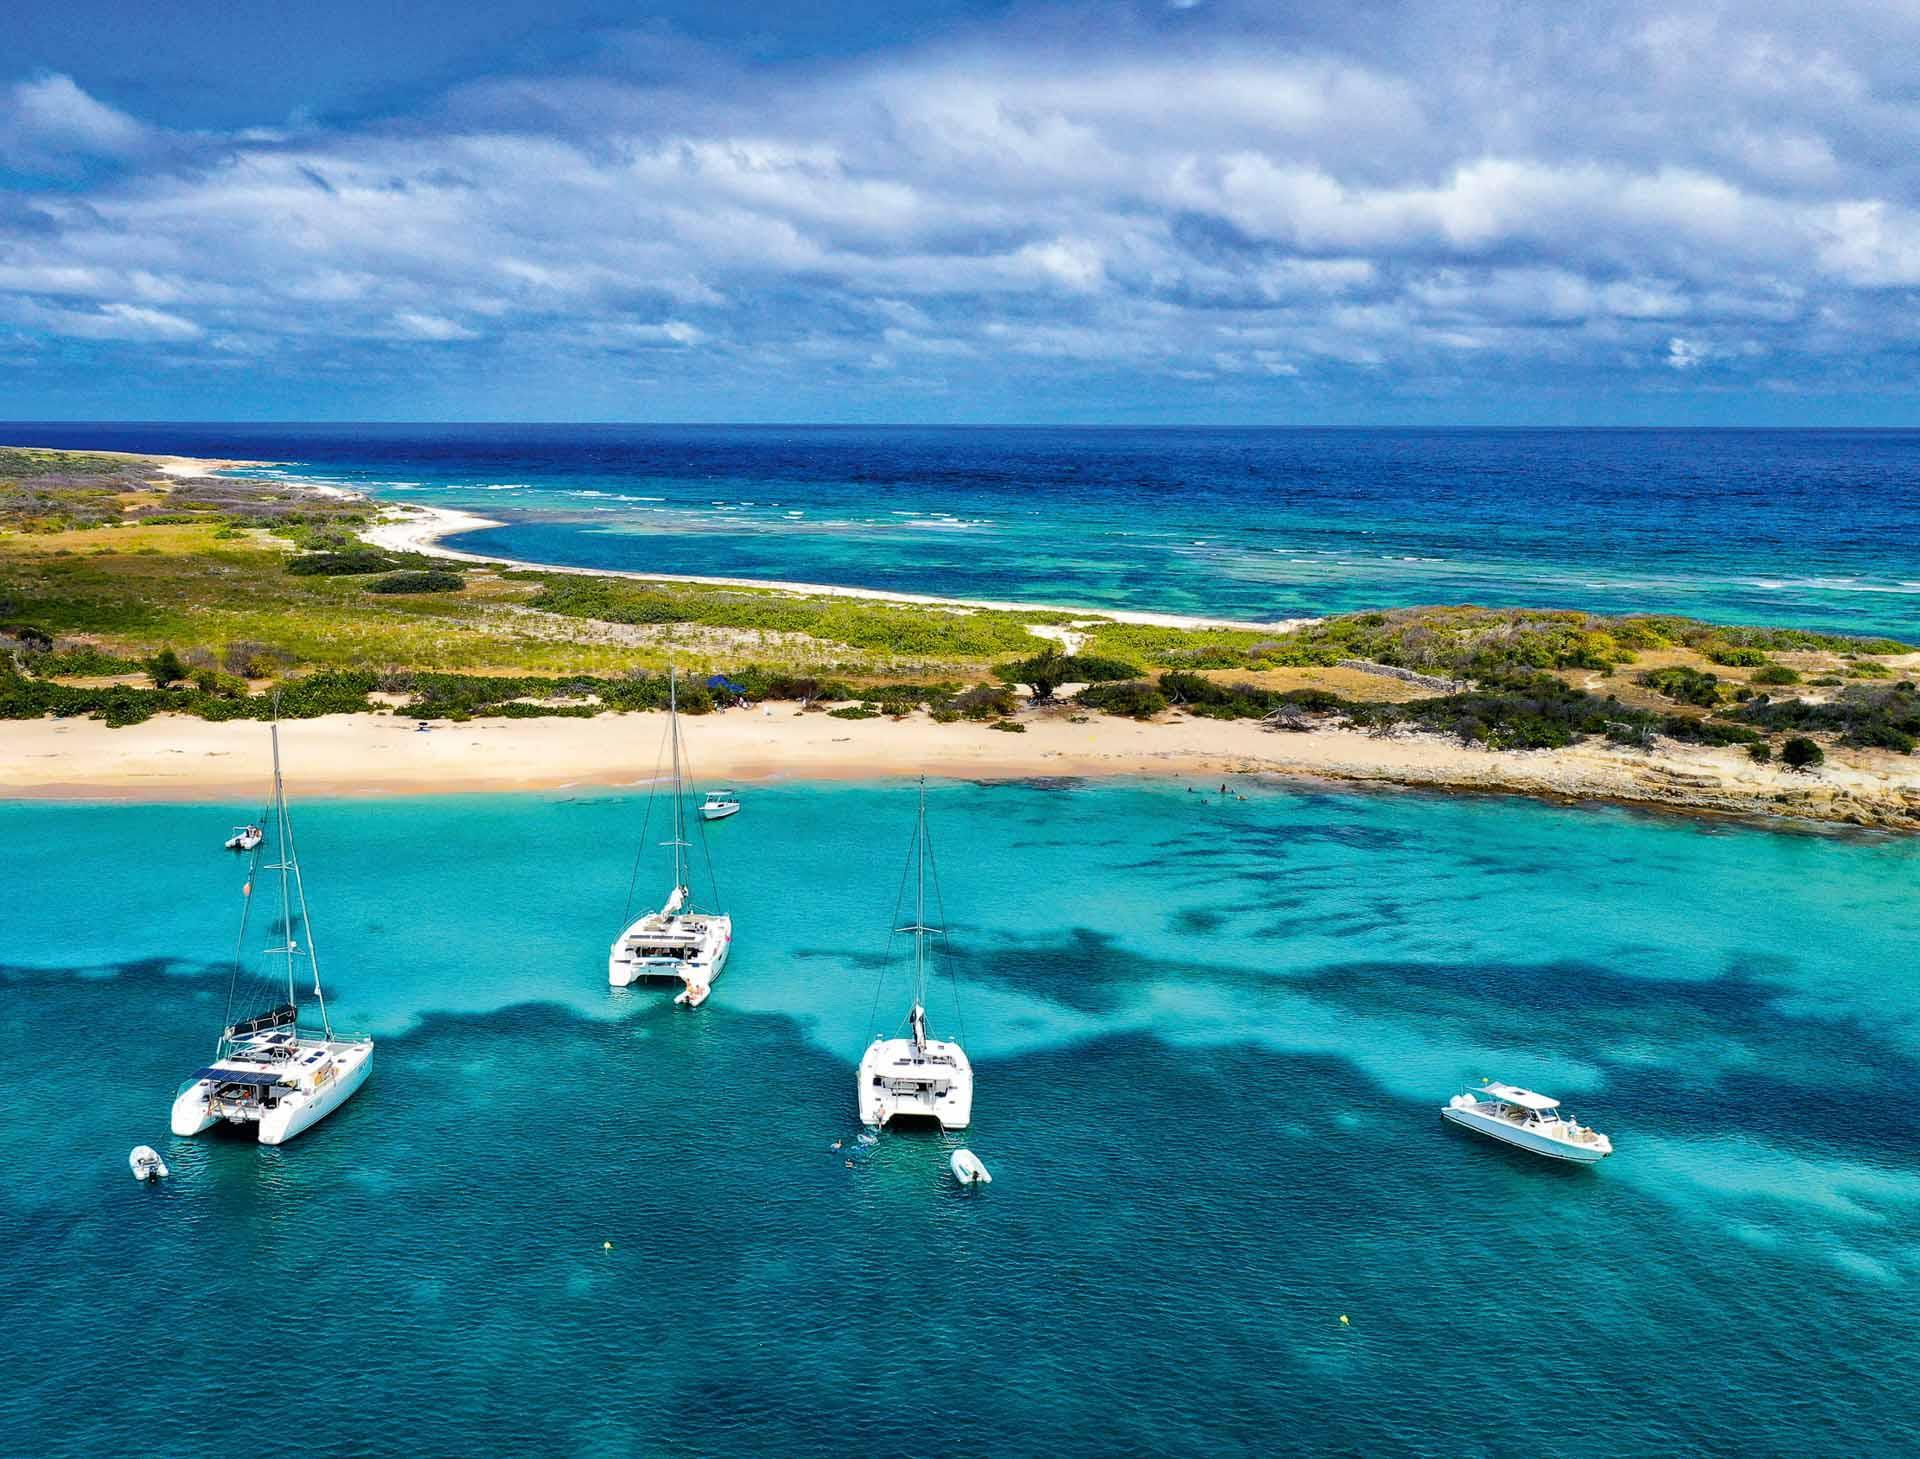 L'île Tintamarre au large de Saint-Martin © DR